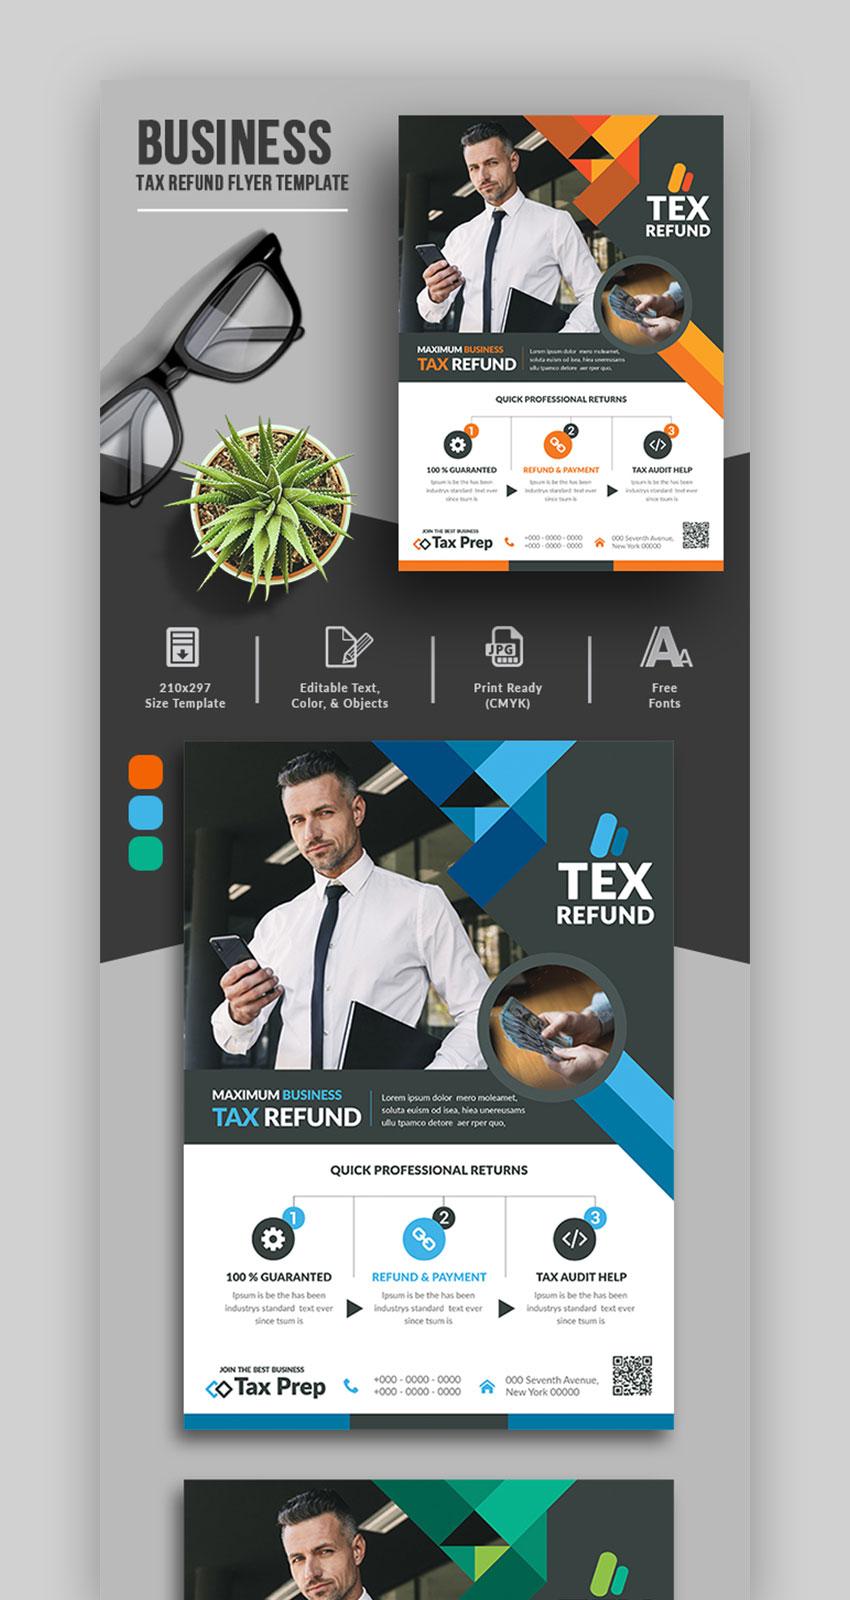 Business Tax Refund Flyer